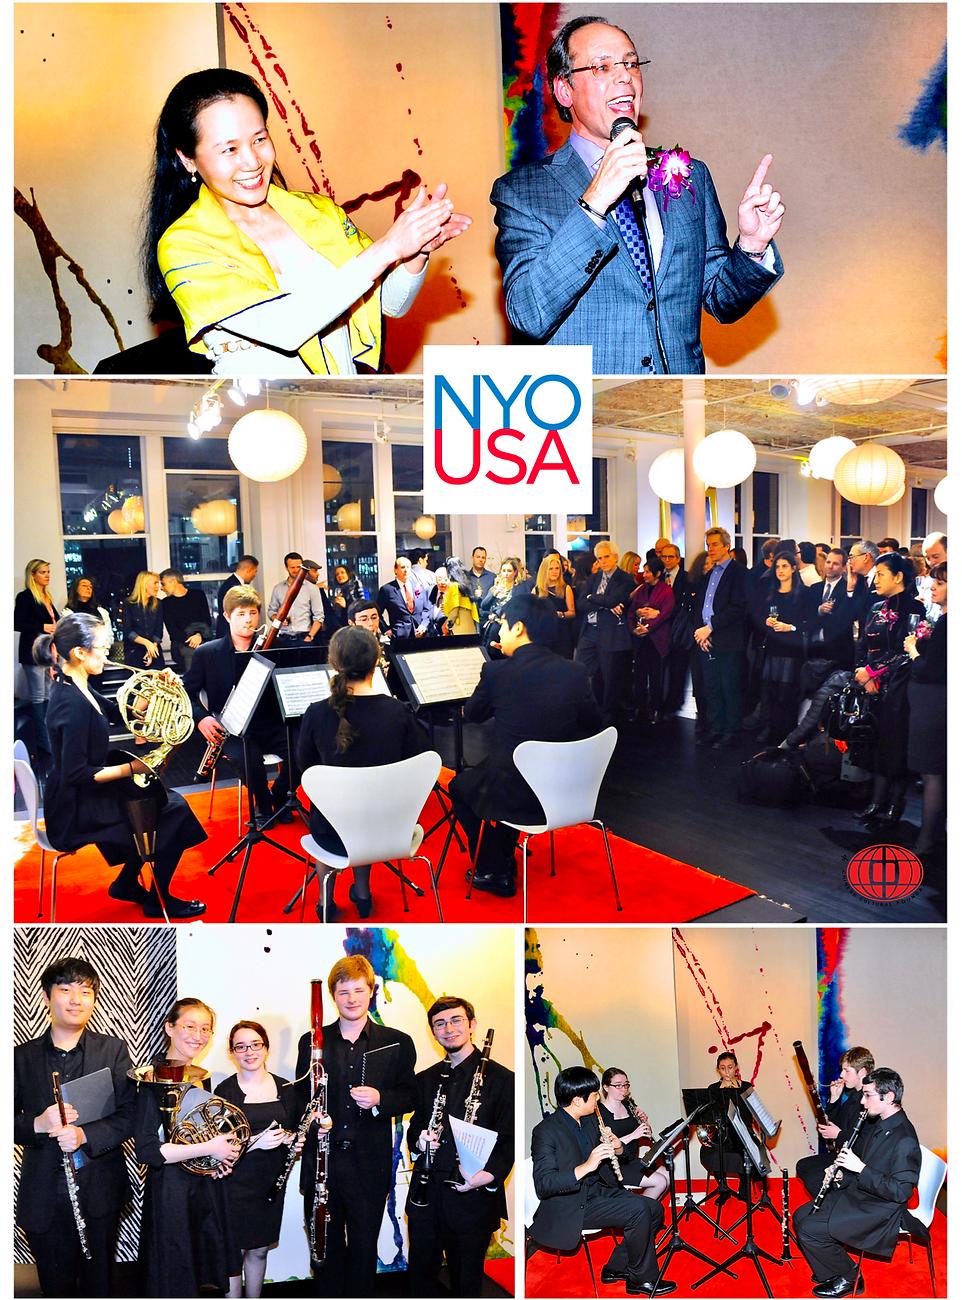 CCF-NYO-USA at House of Tai Ping.png